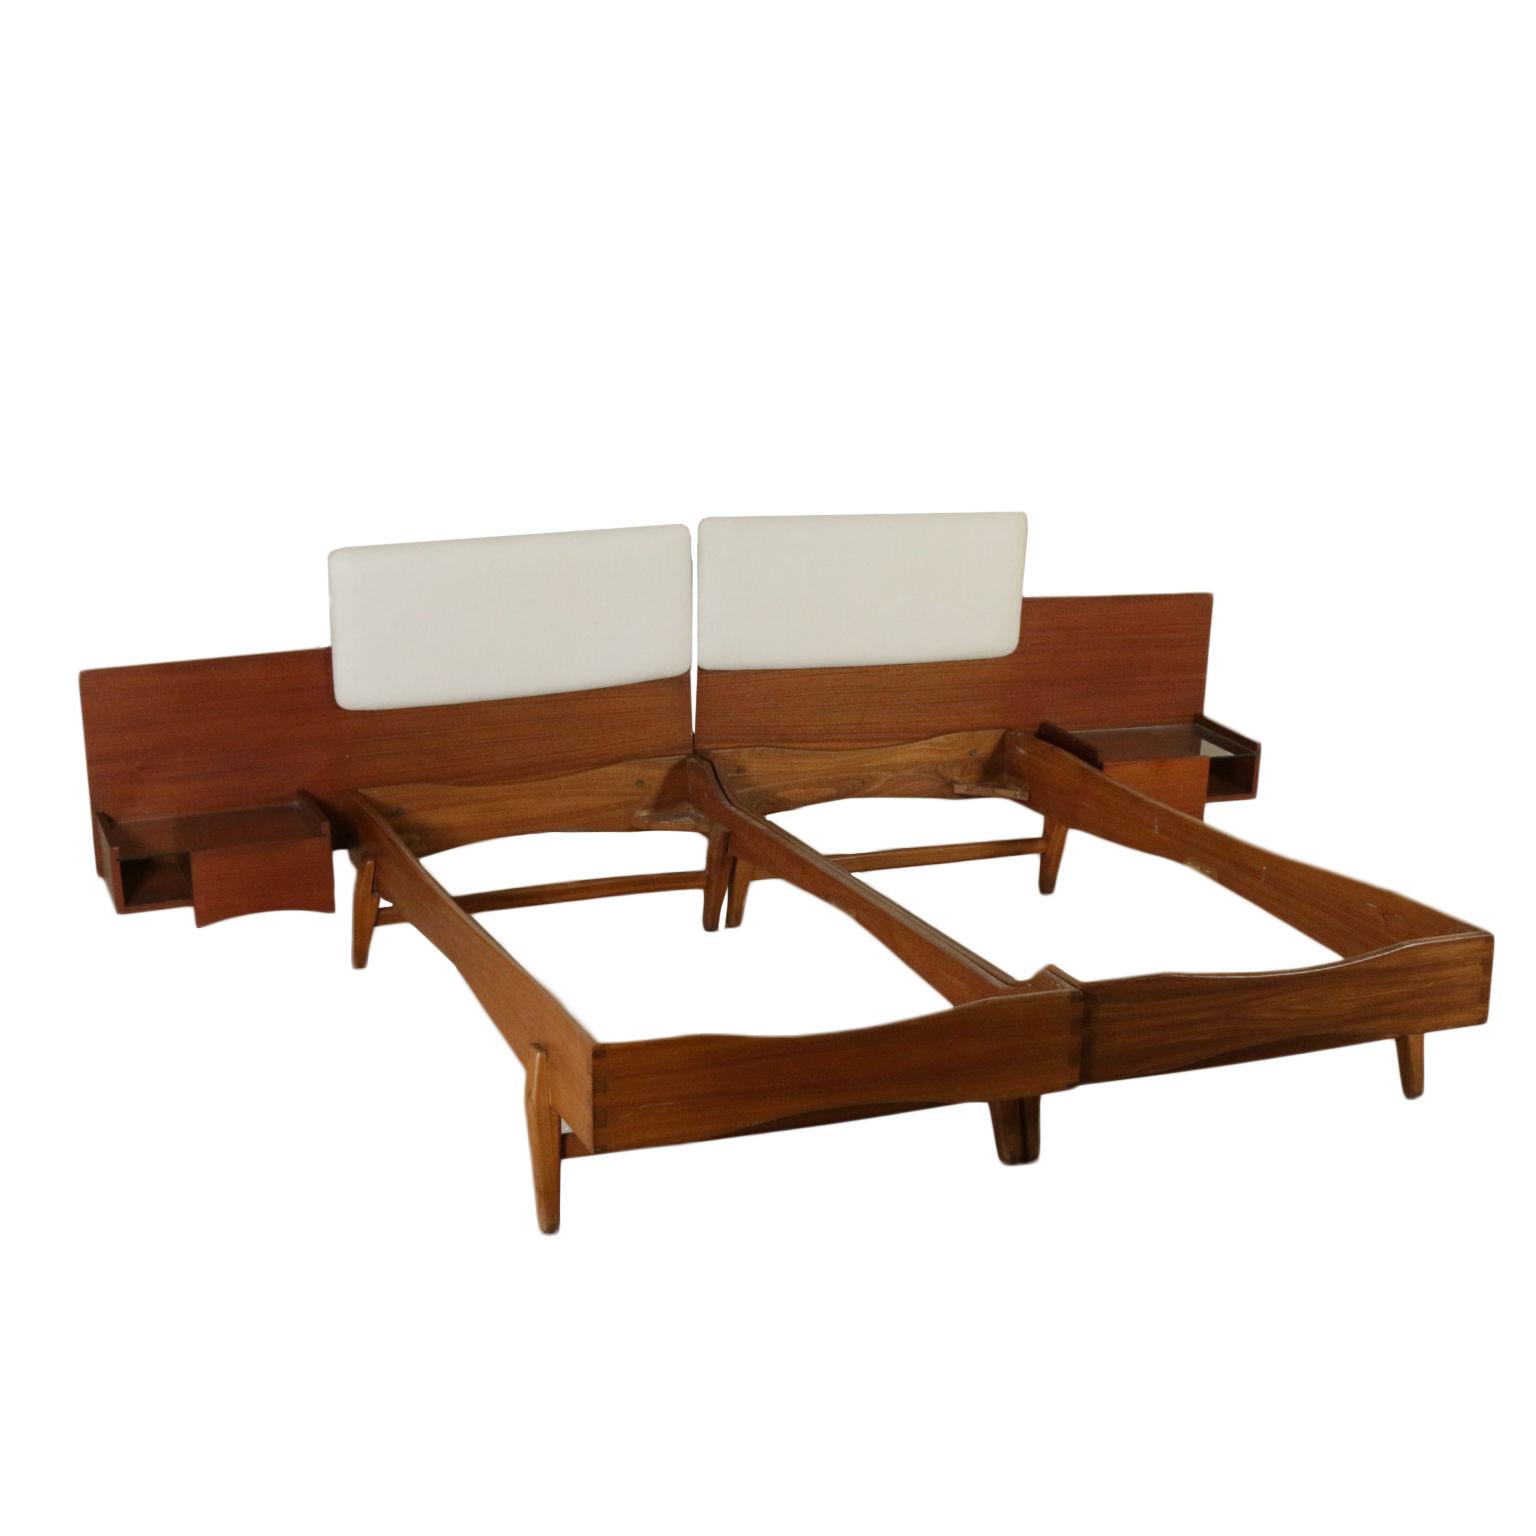 La Cama De Los Años 60 - Complementos de decoración - Diseño moderno ...